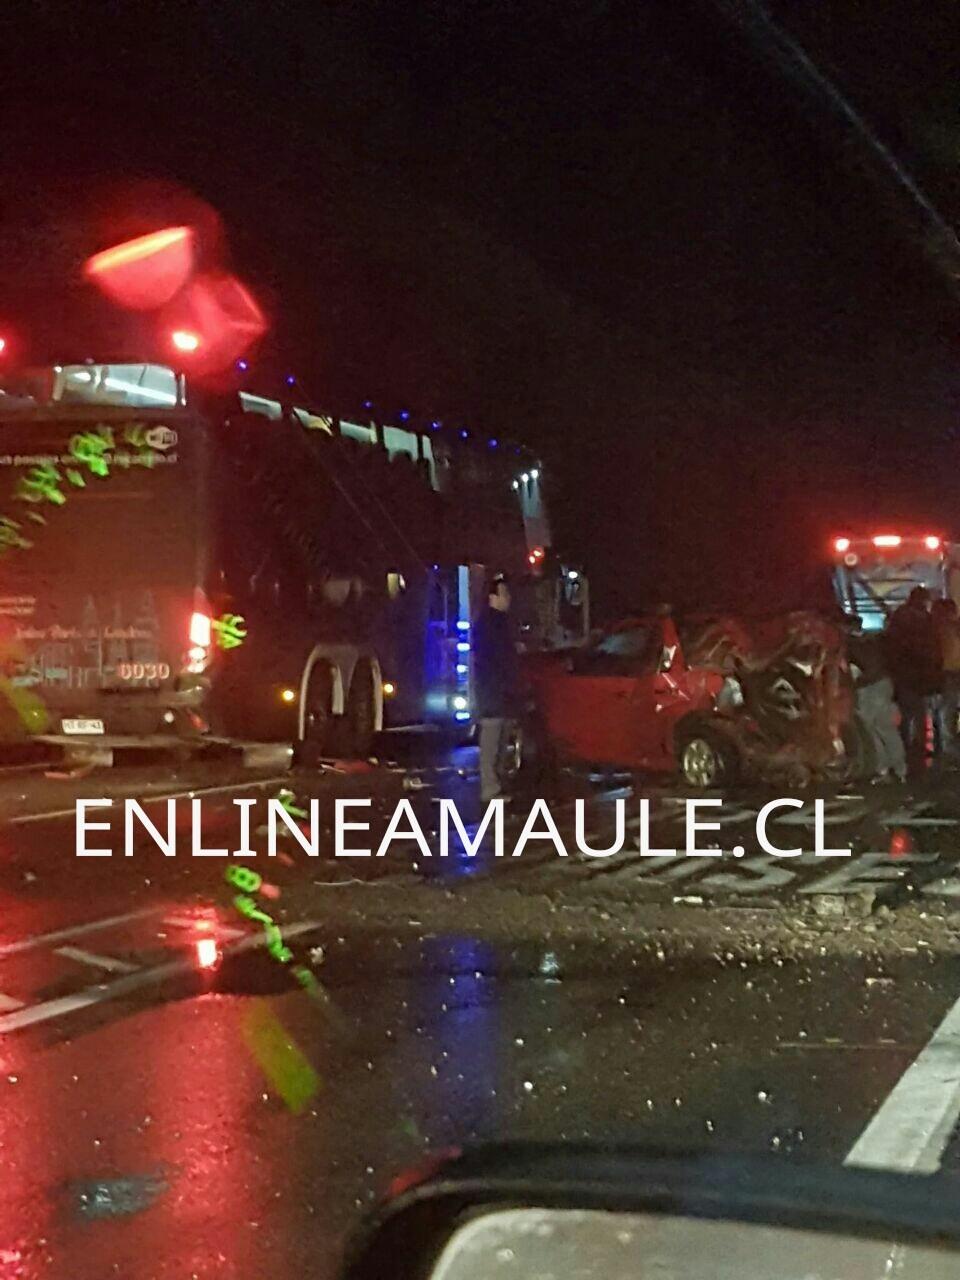 Dos heridos deja choque en cadena de bus de pasajeros con dos vehículos menores